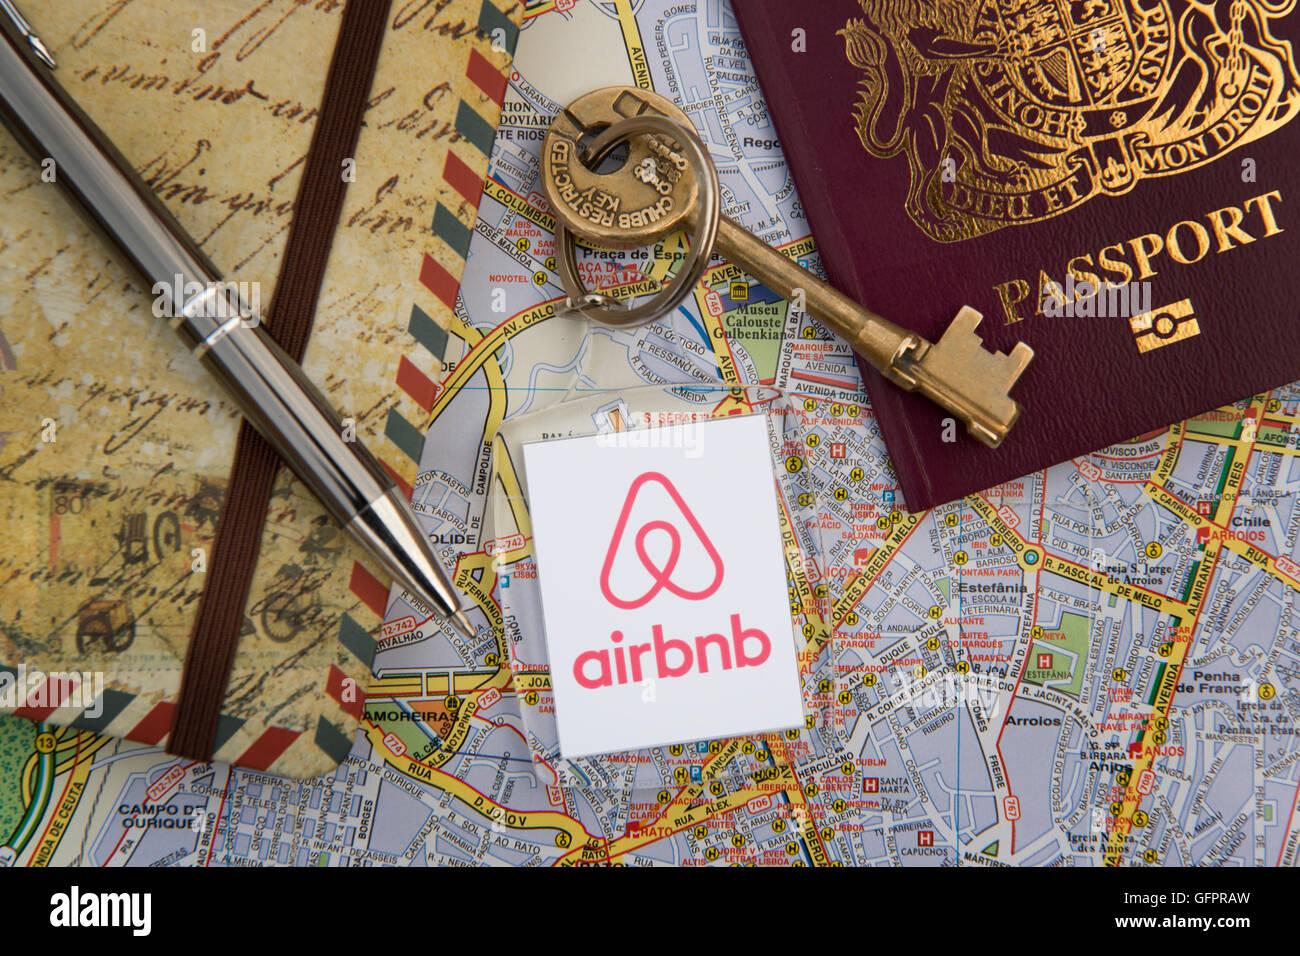 Ein Airbnb gebrandmarkt Schlüsselanhänger mit einen britischen Pass, Reise-Journal, Stift und Stadt Straßenkarte Stockbild